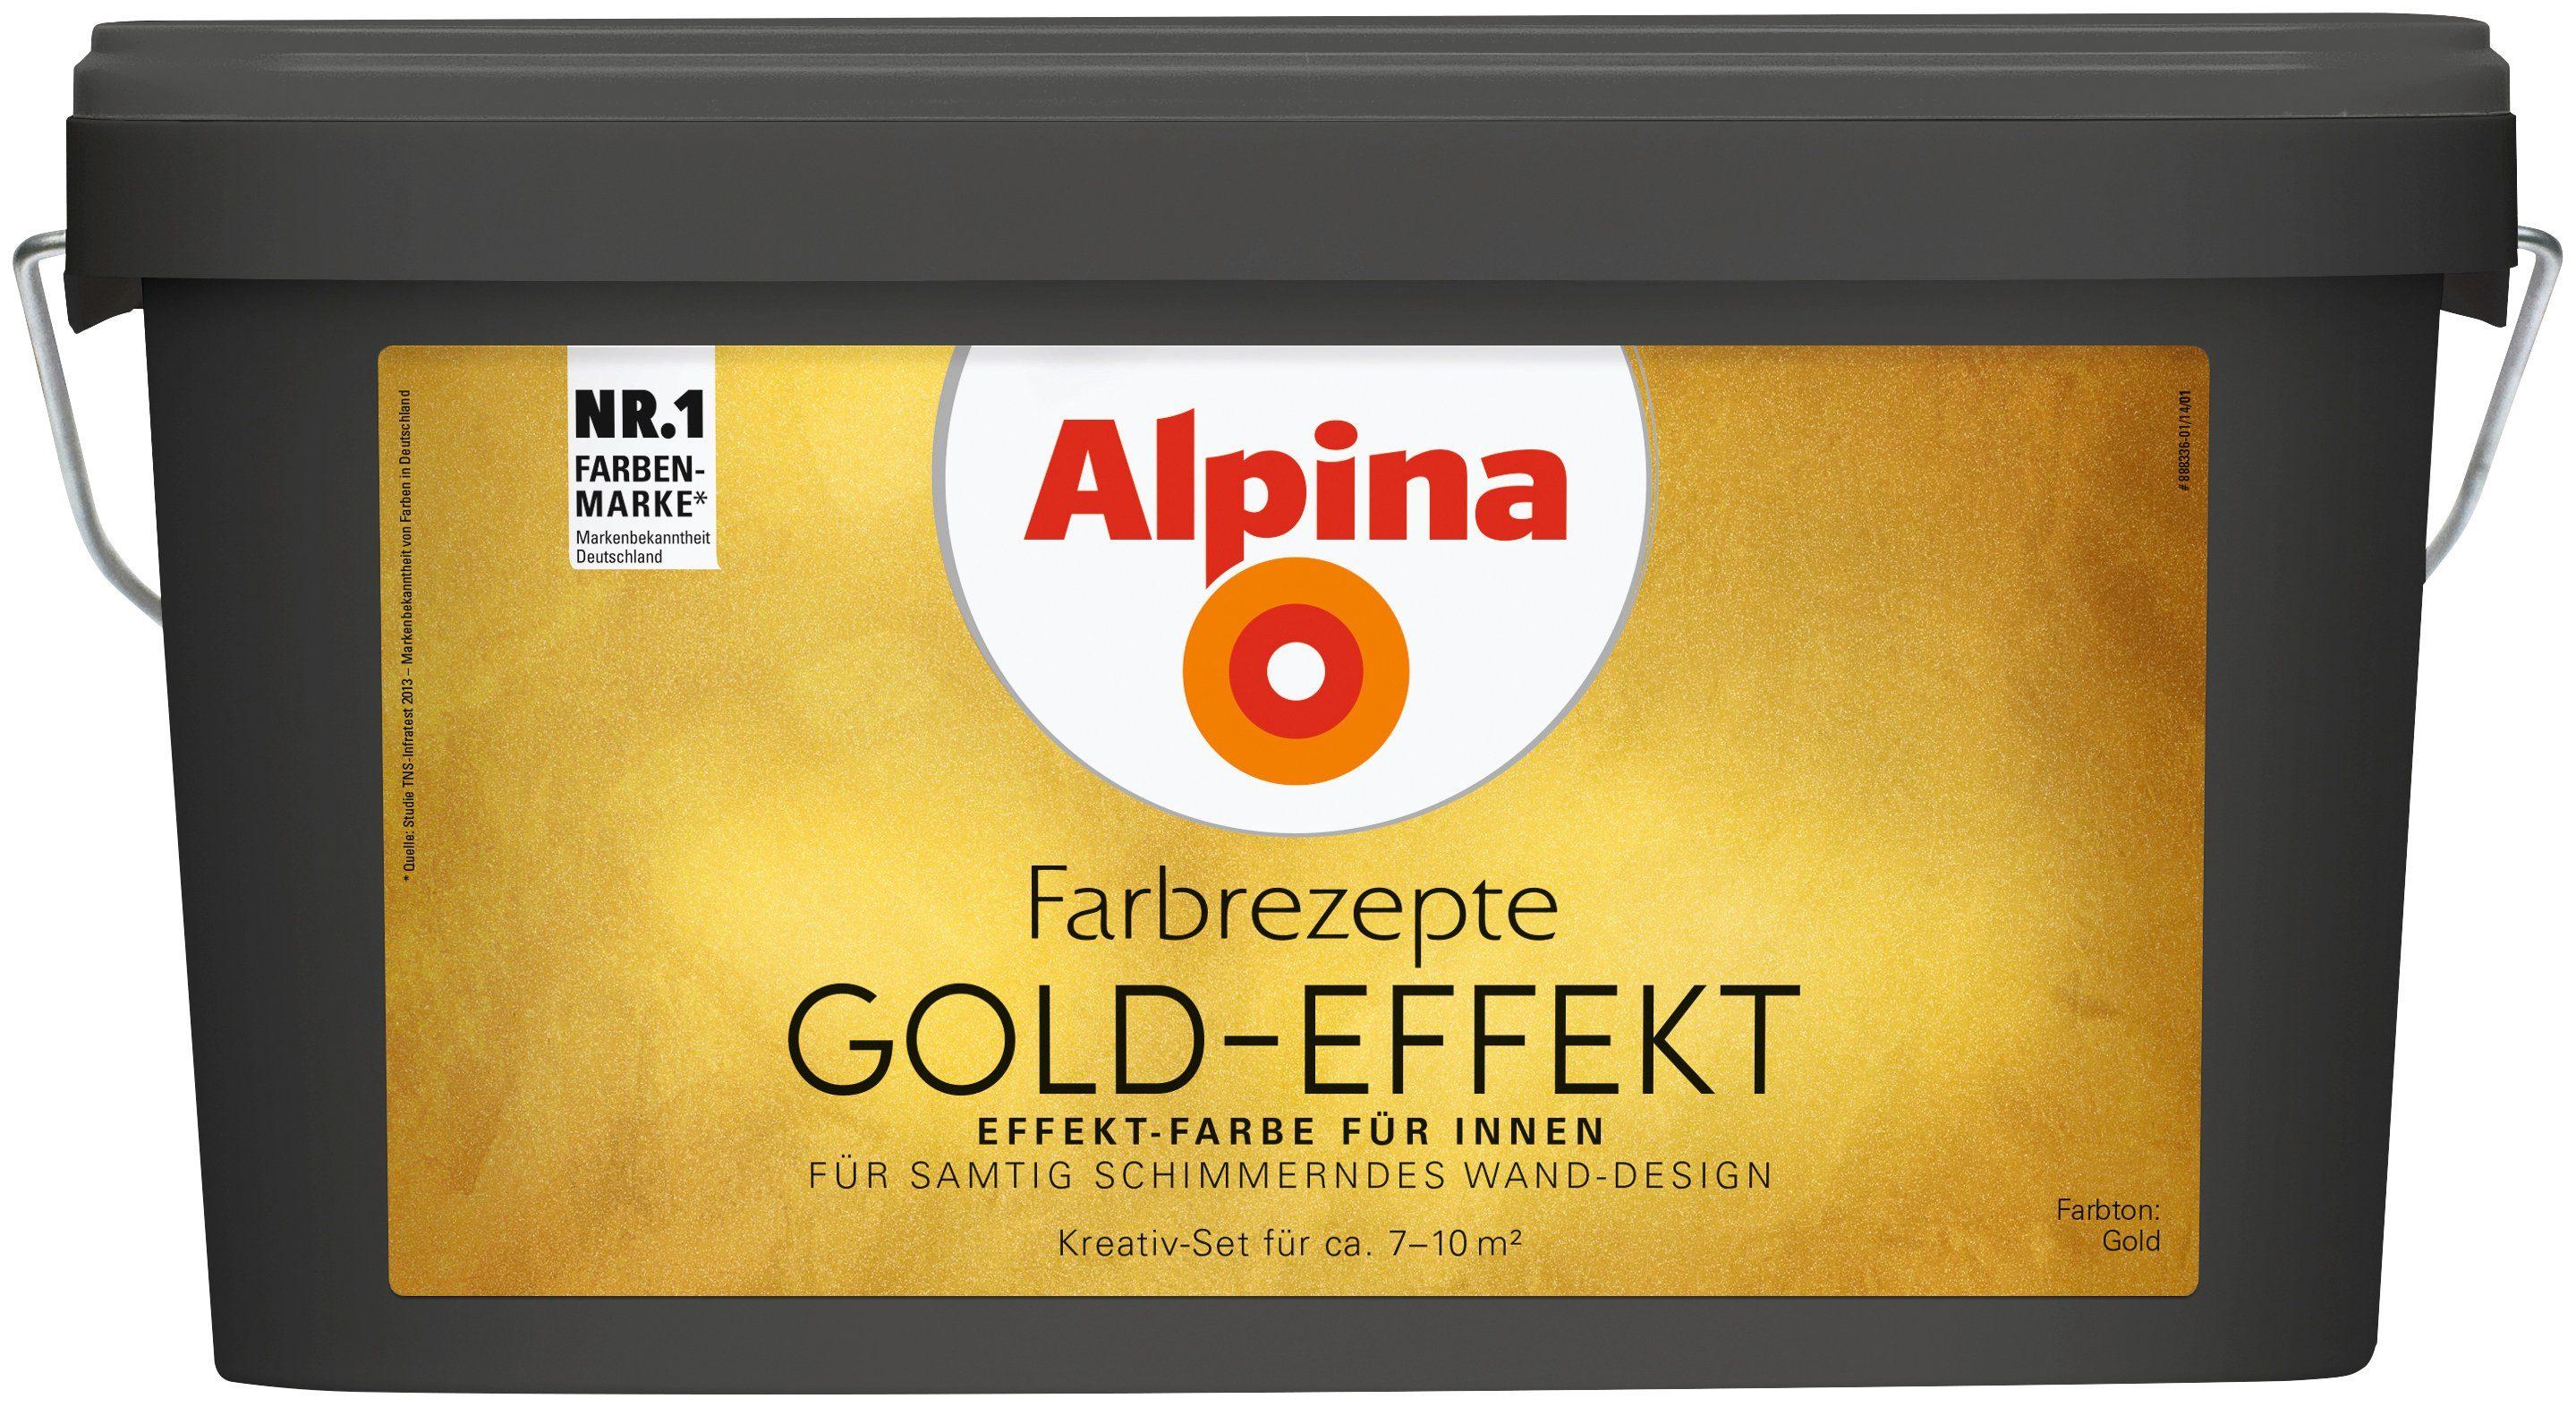 ALPINA Wand- und Deckenfarbe »Farbrezepte - Gold-Effekt«, 3 l